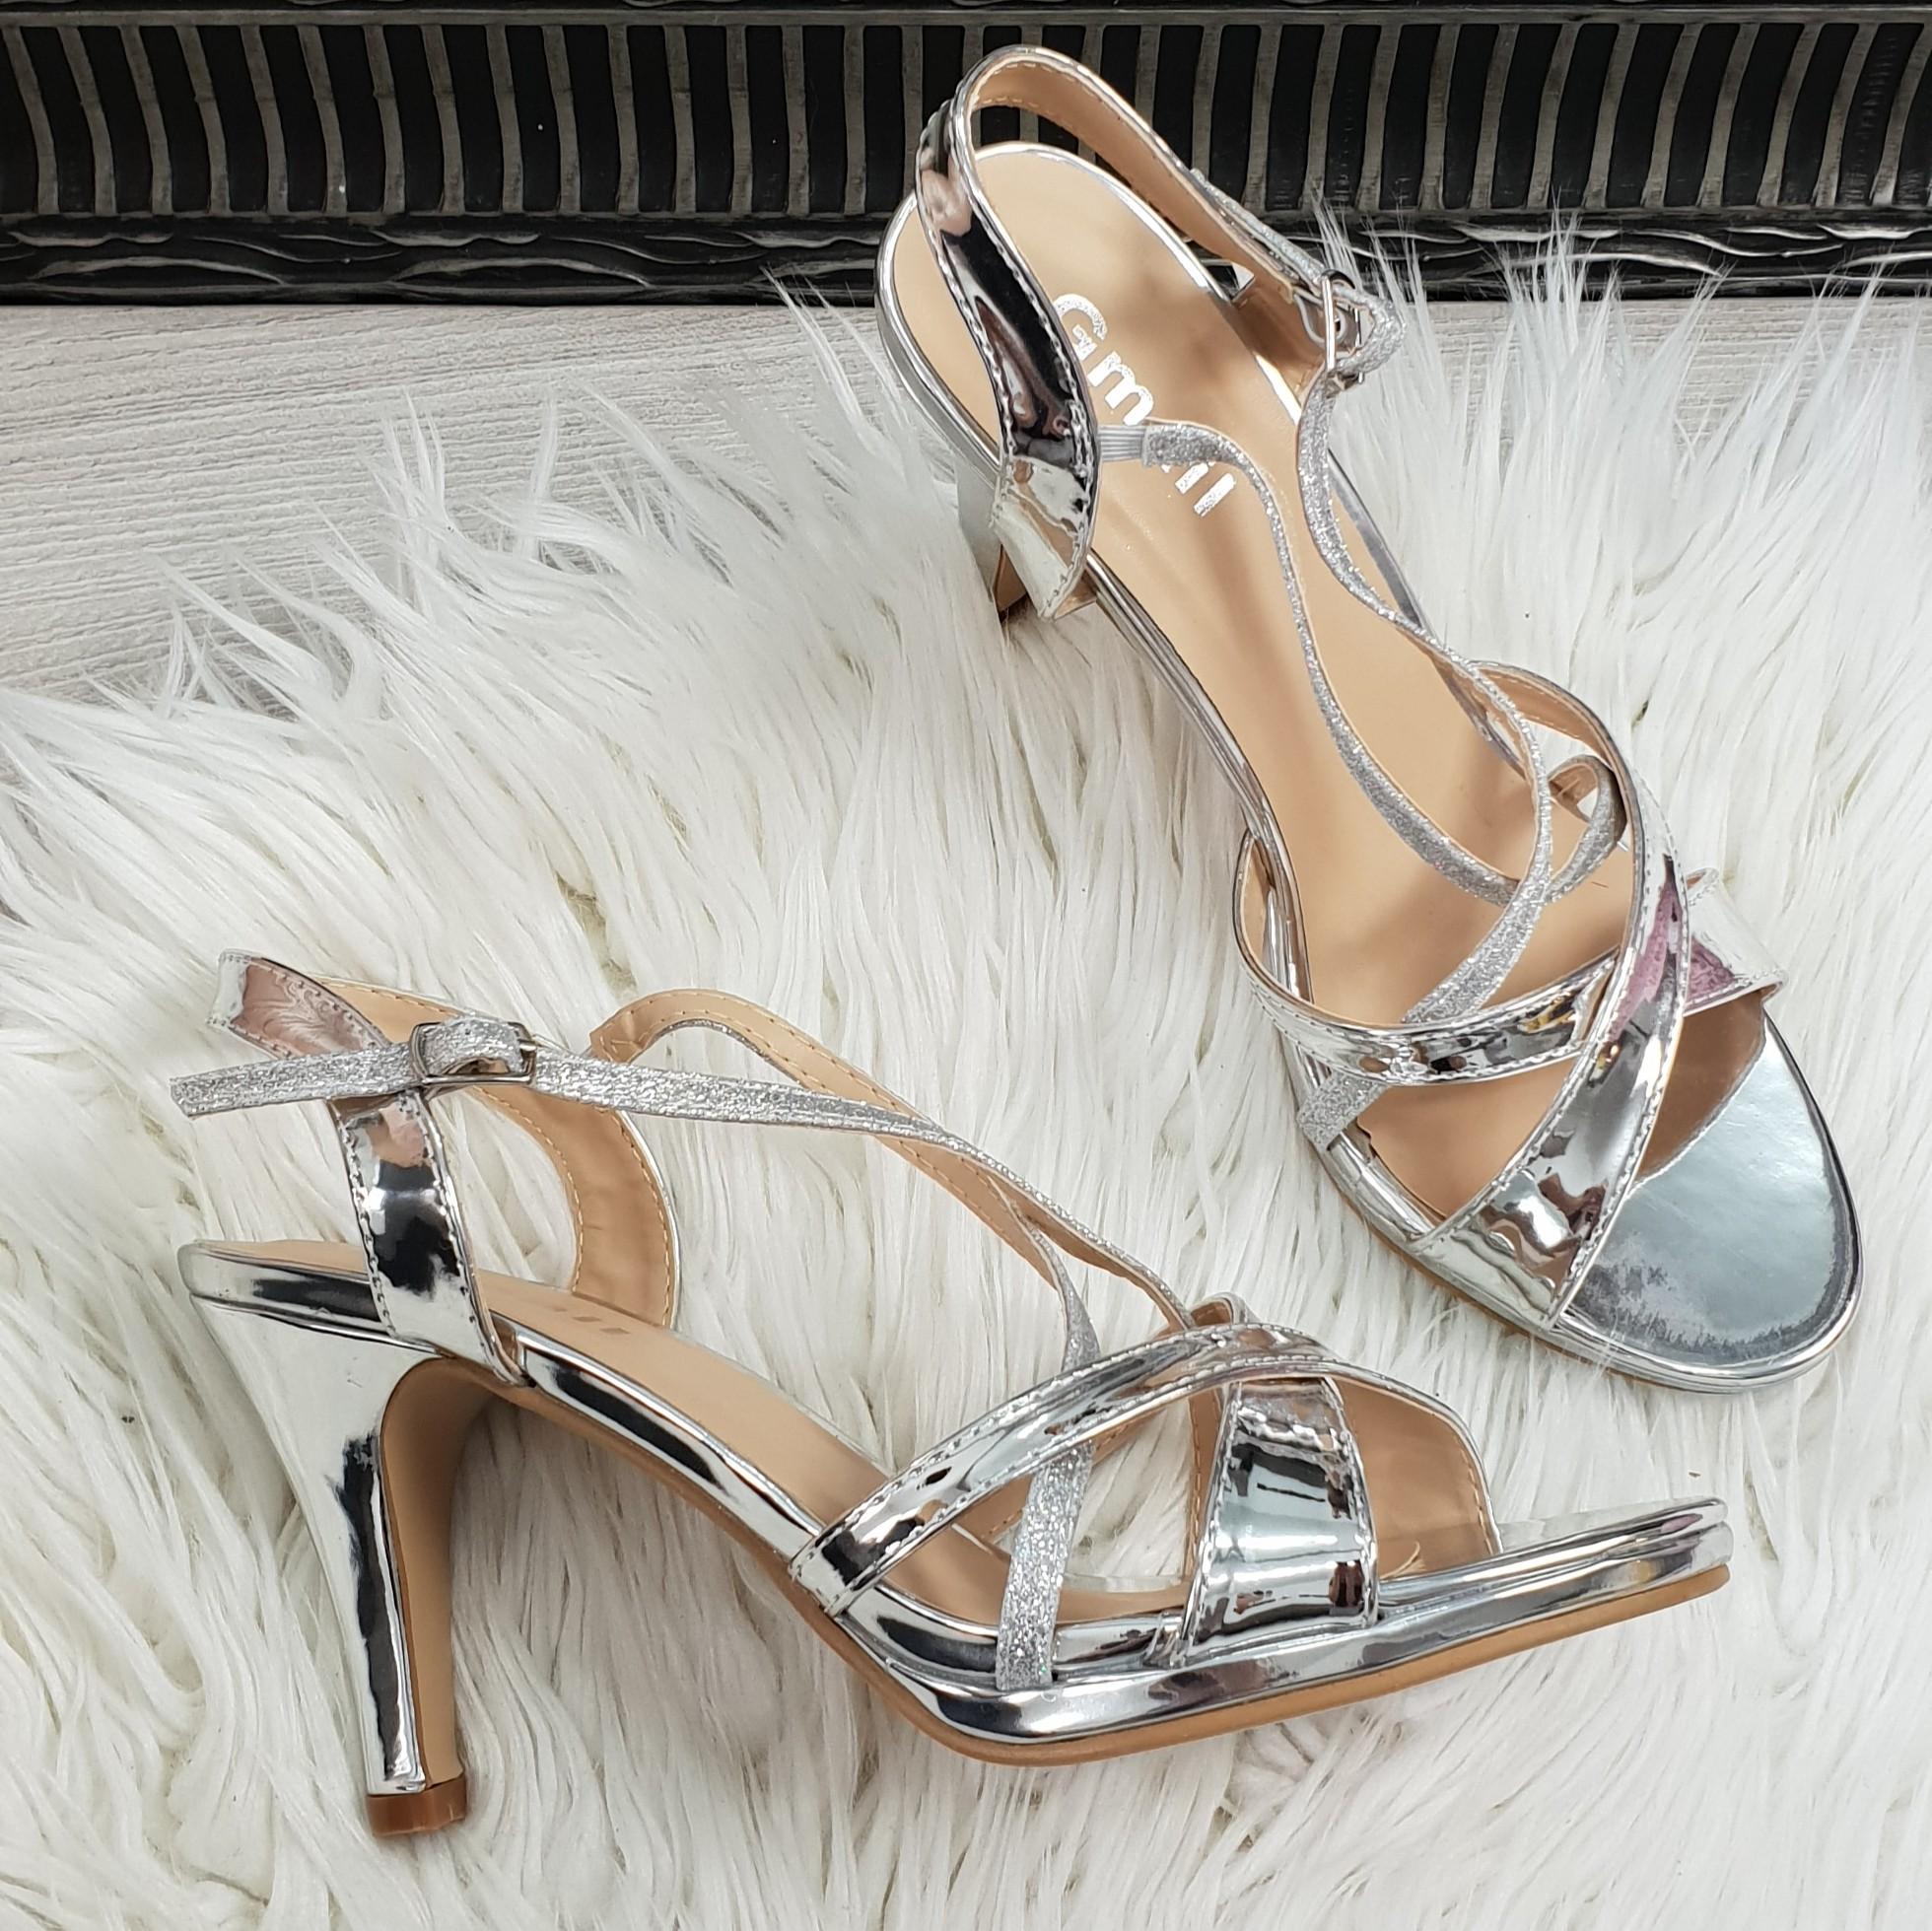 a8ccd28524fd spolocenske sandale Lissy strieborné - Divalli.sk